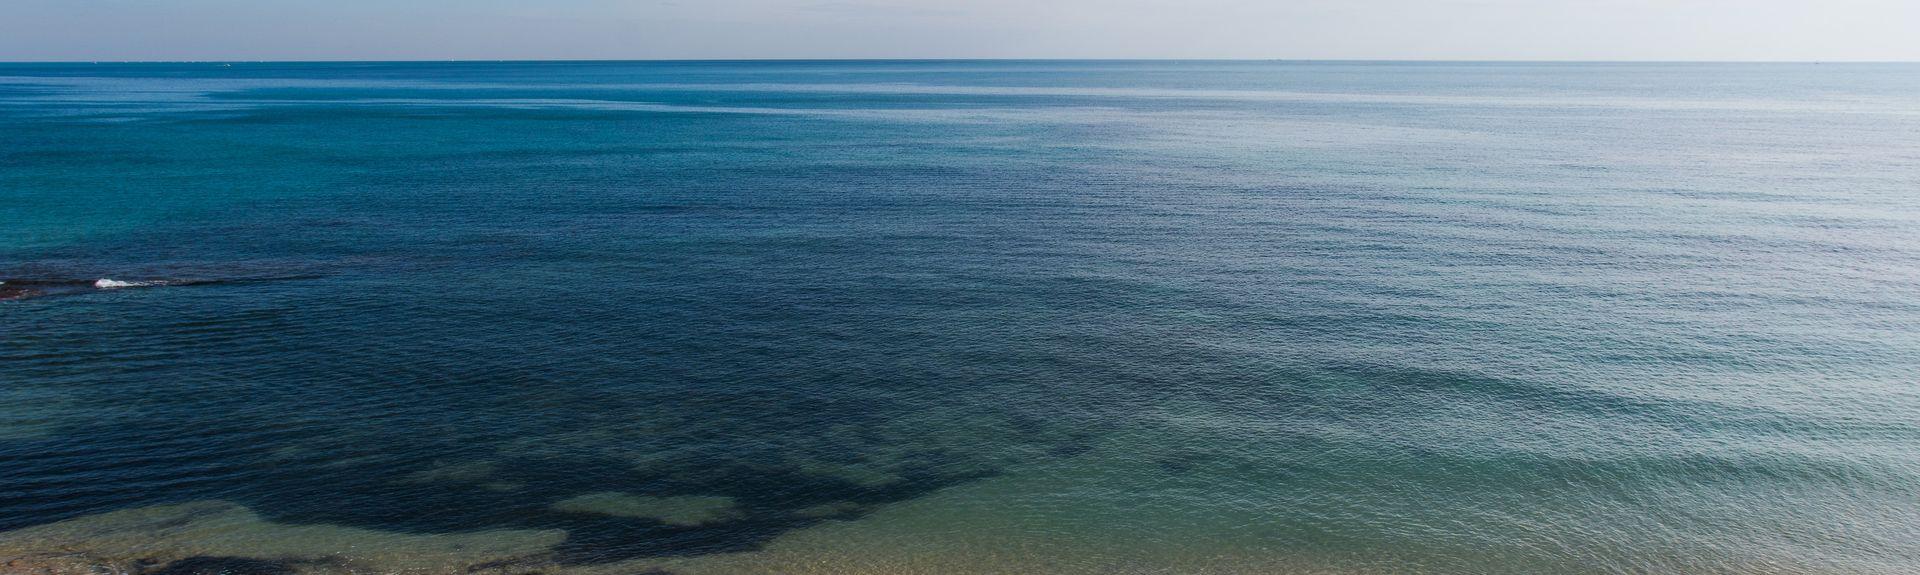 La Zenia-stranden, La Zenia, La Valenciana, Spania